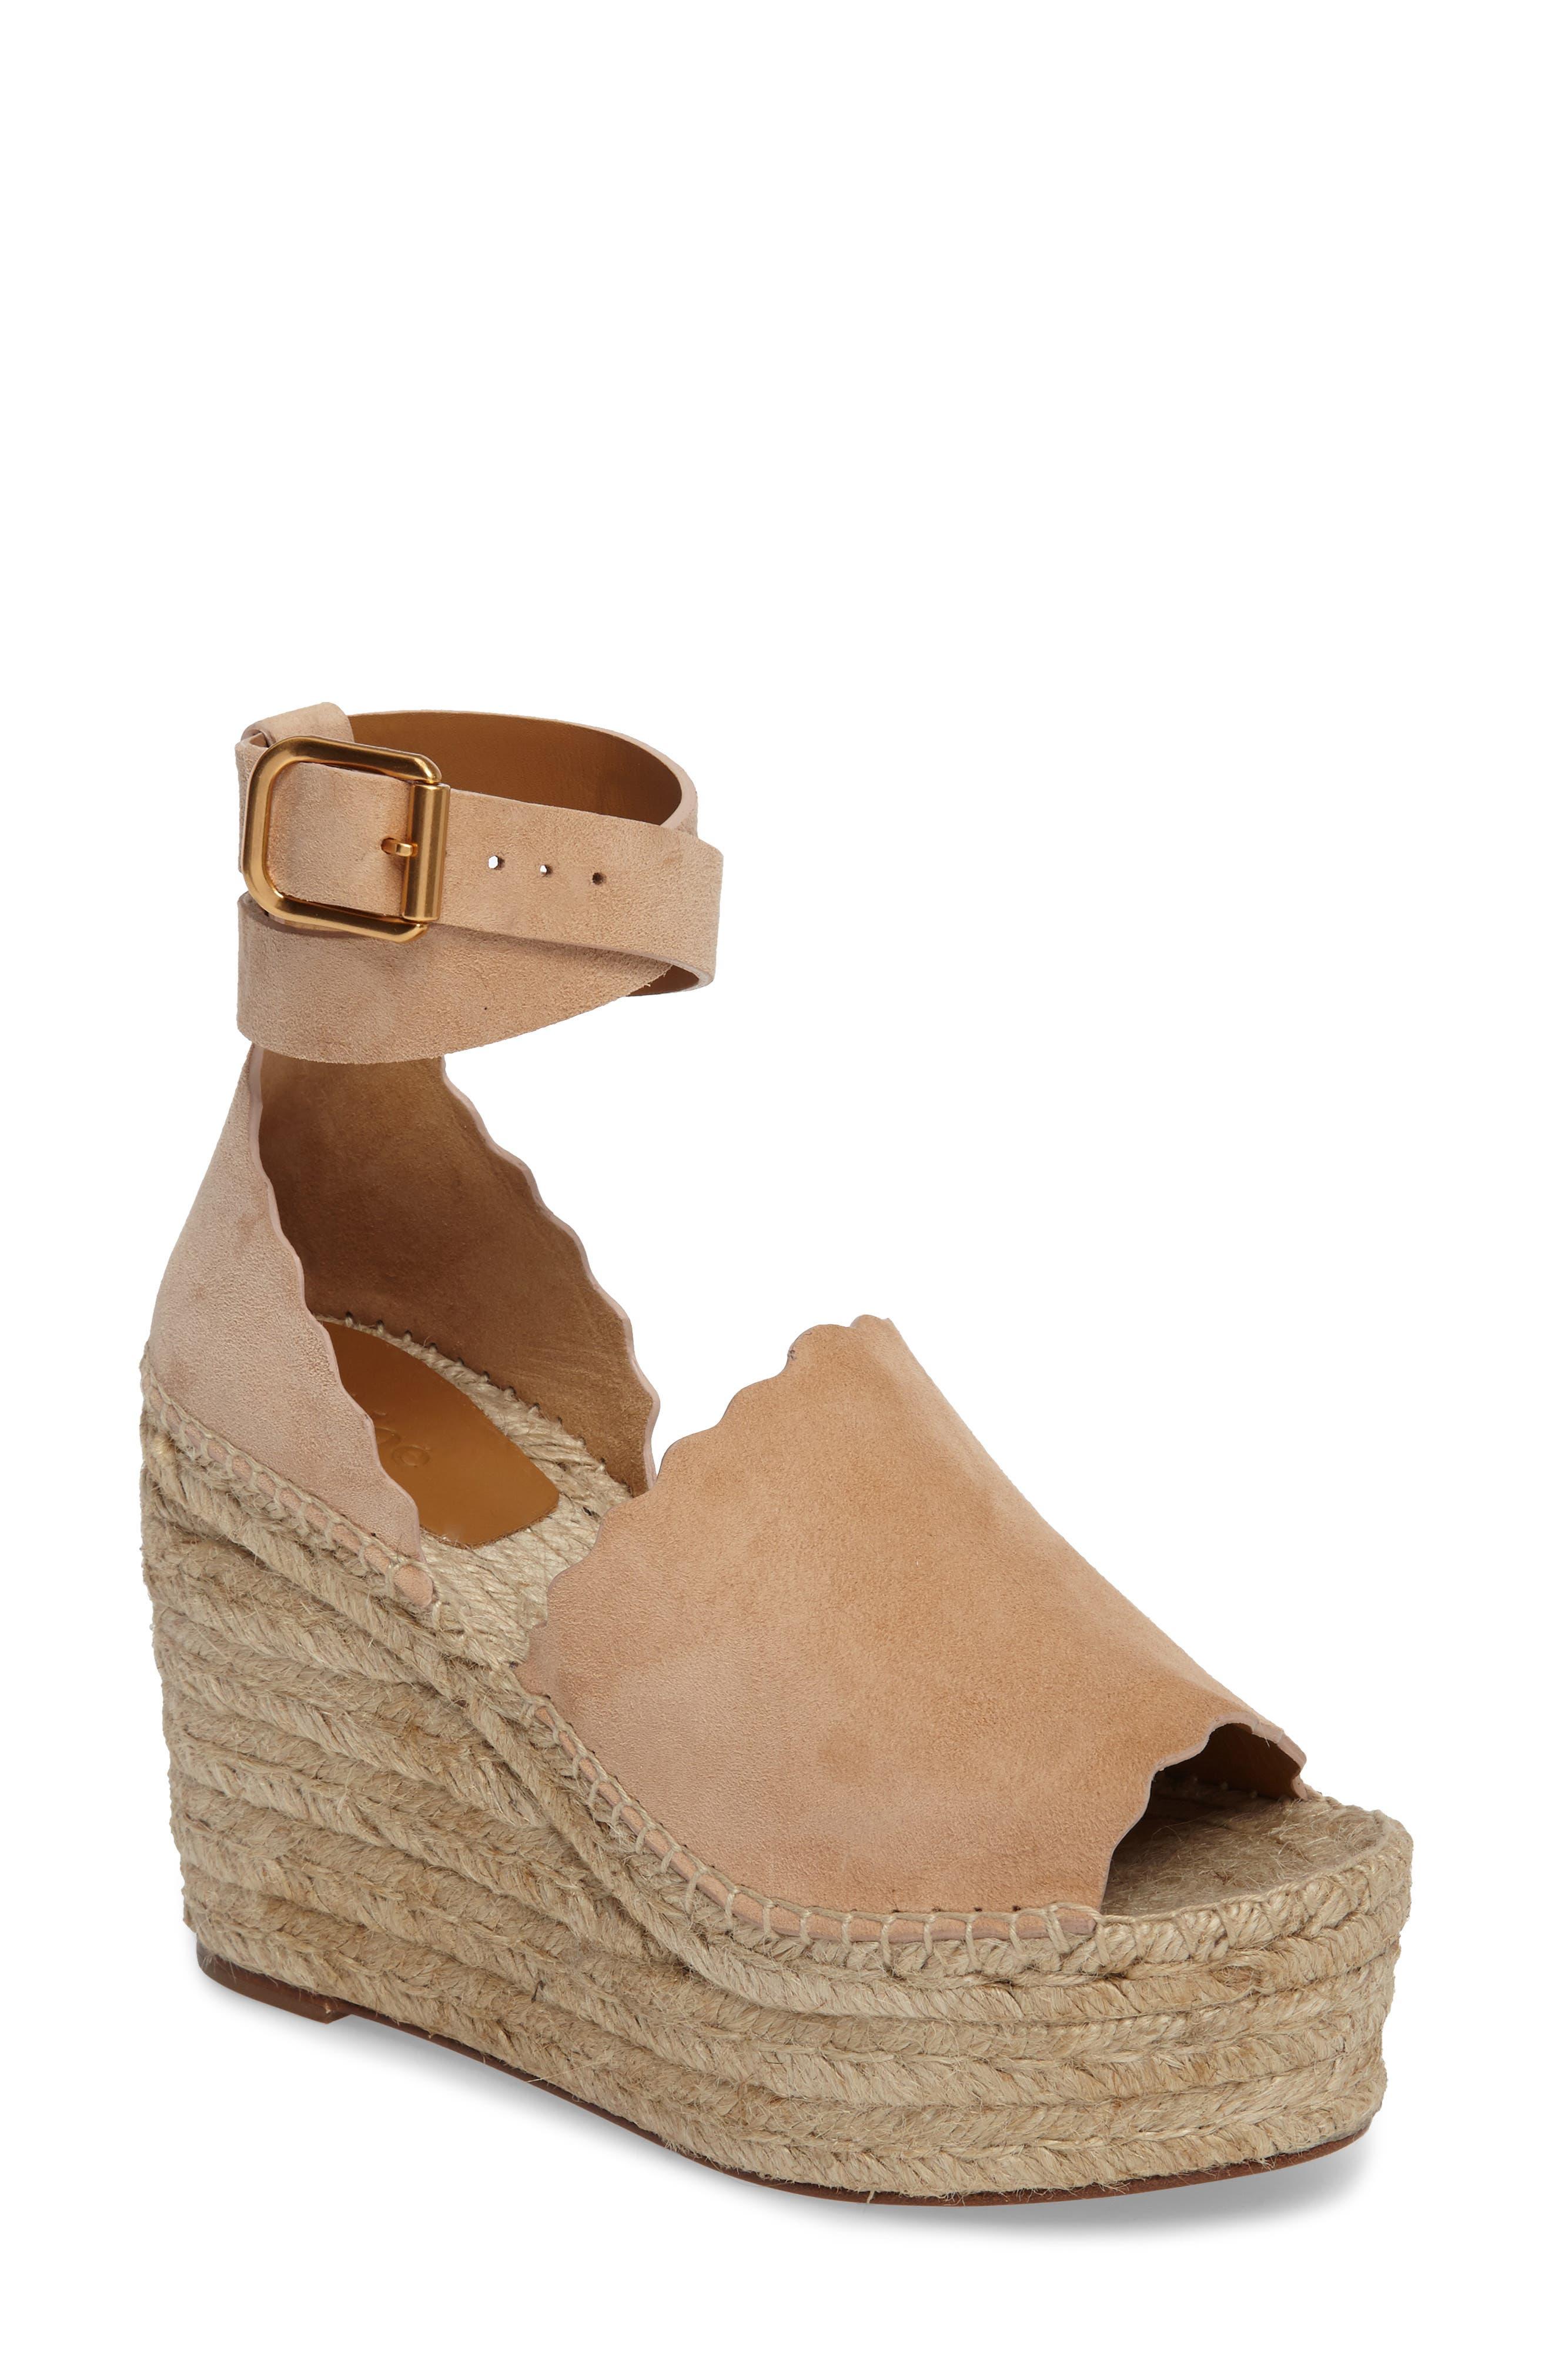 Lauren Espadrille Wedge Sandal,                         Main,                         color, Beige Suede